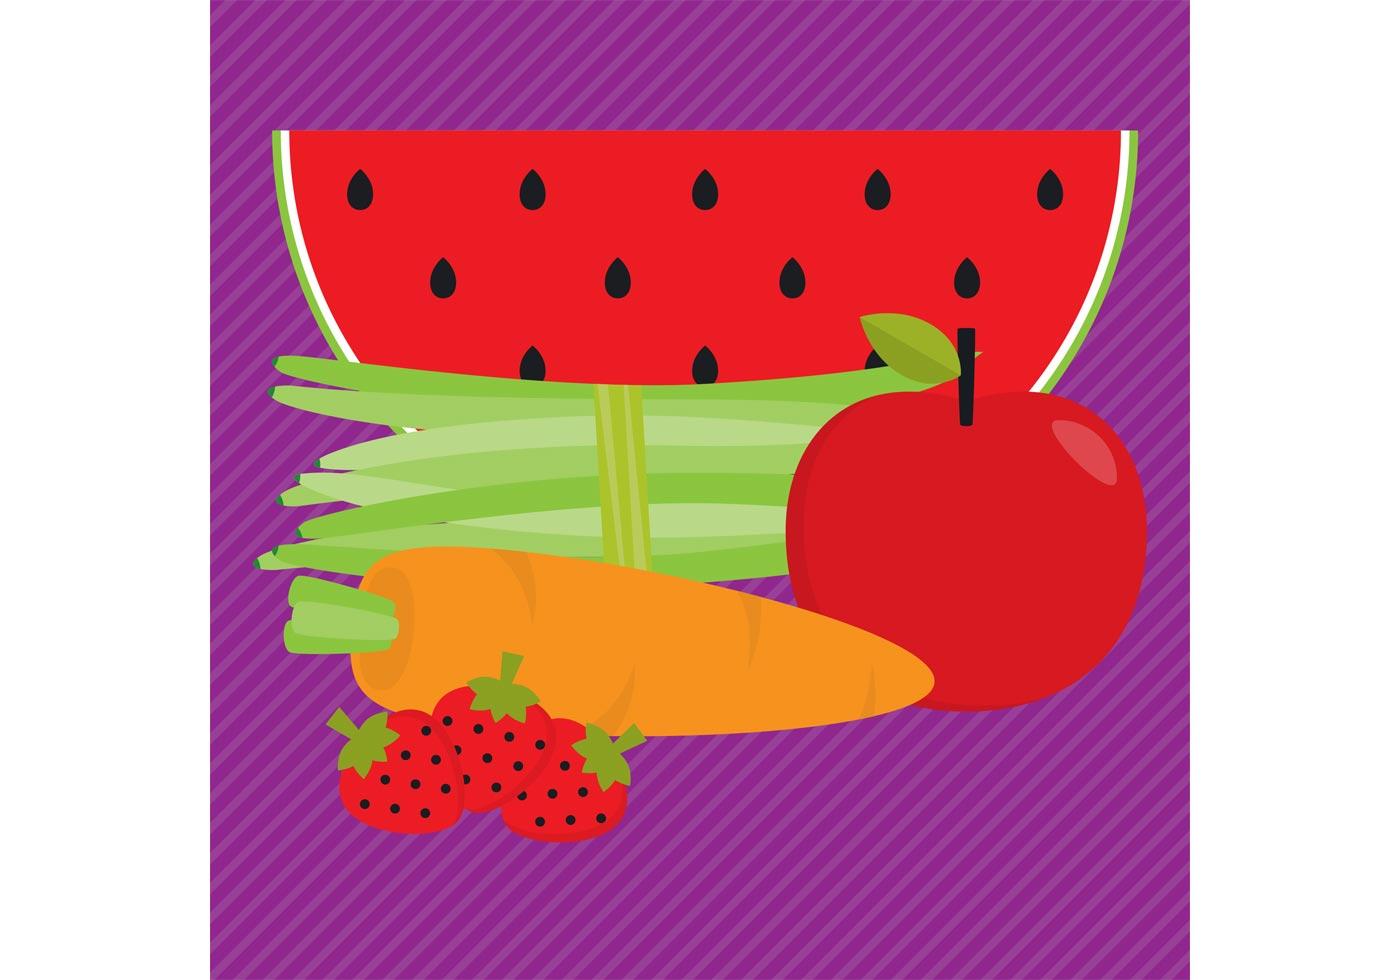 Organic Food Vectors - Download Free Vectors, Clipart ...